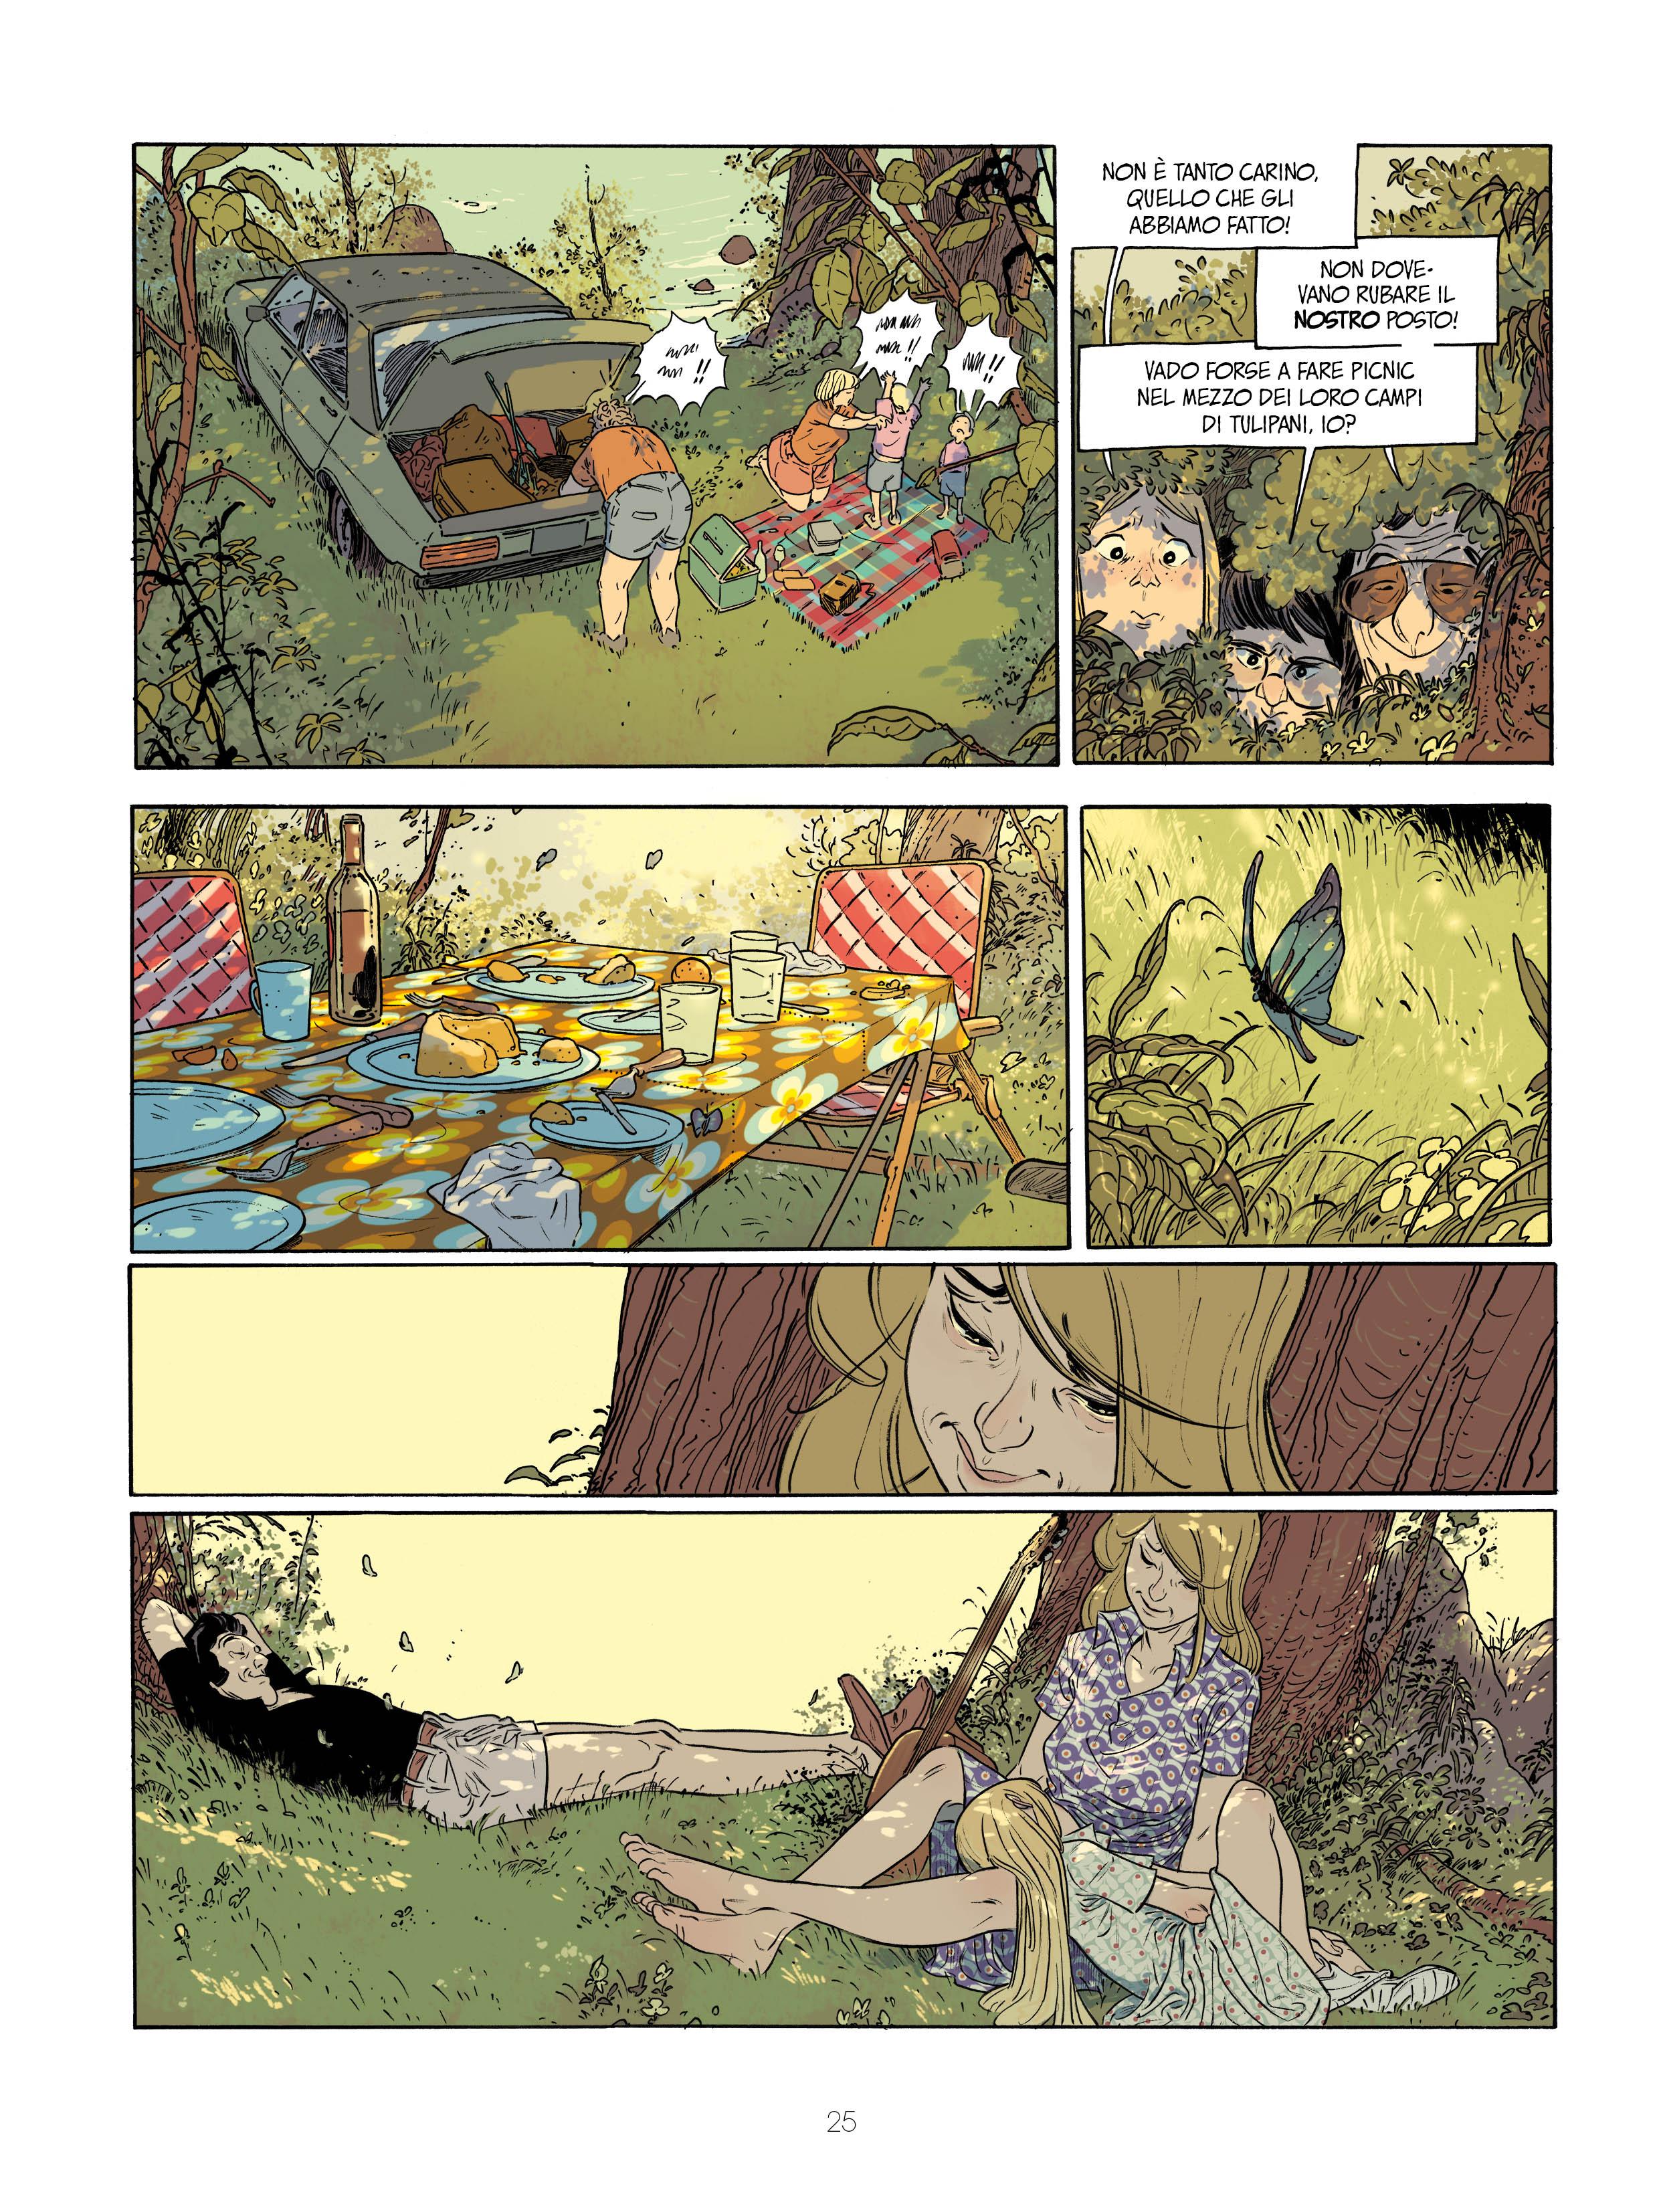 Un'estate fa, pagina 25